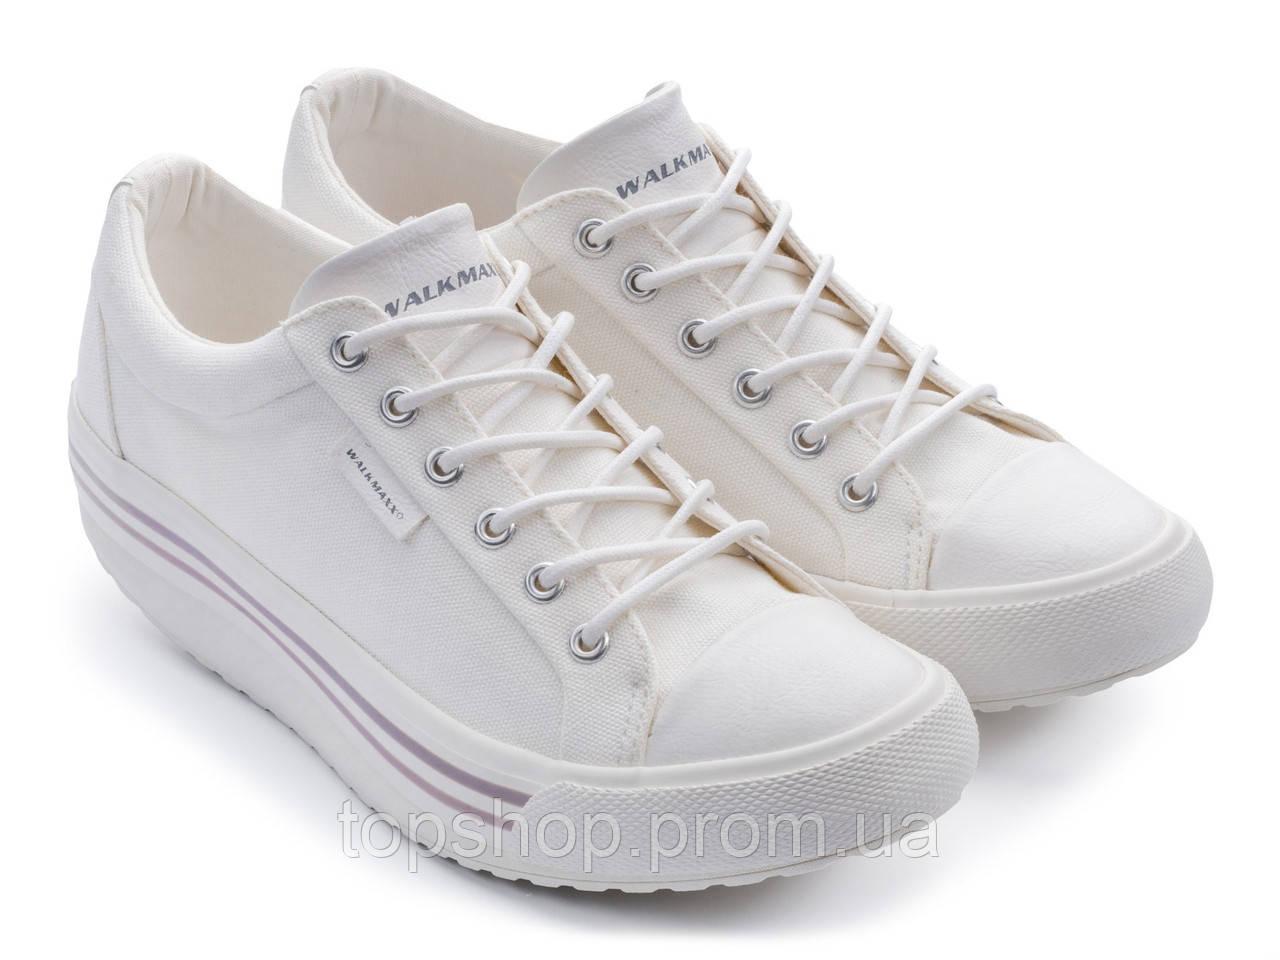 4966fd611 Кеды Walkmaxx Comfort 4.0 39 Длина стопы 25,5 Белый - TopShop - Товары с